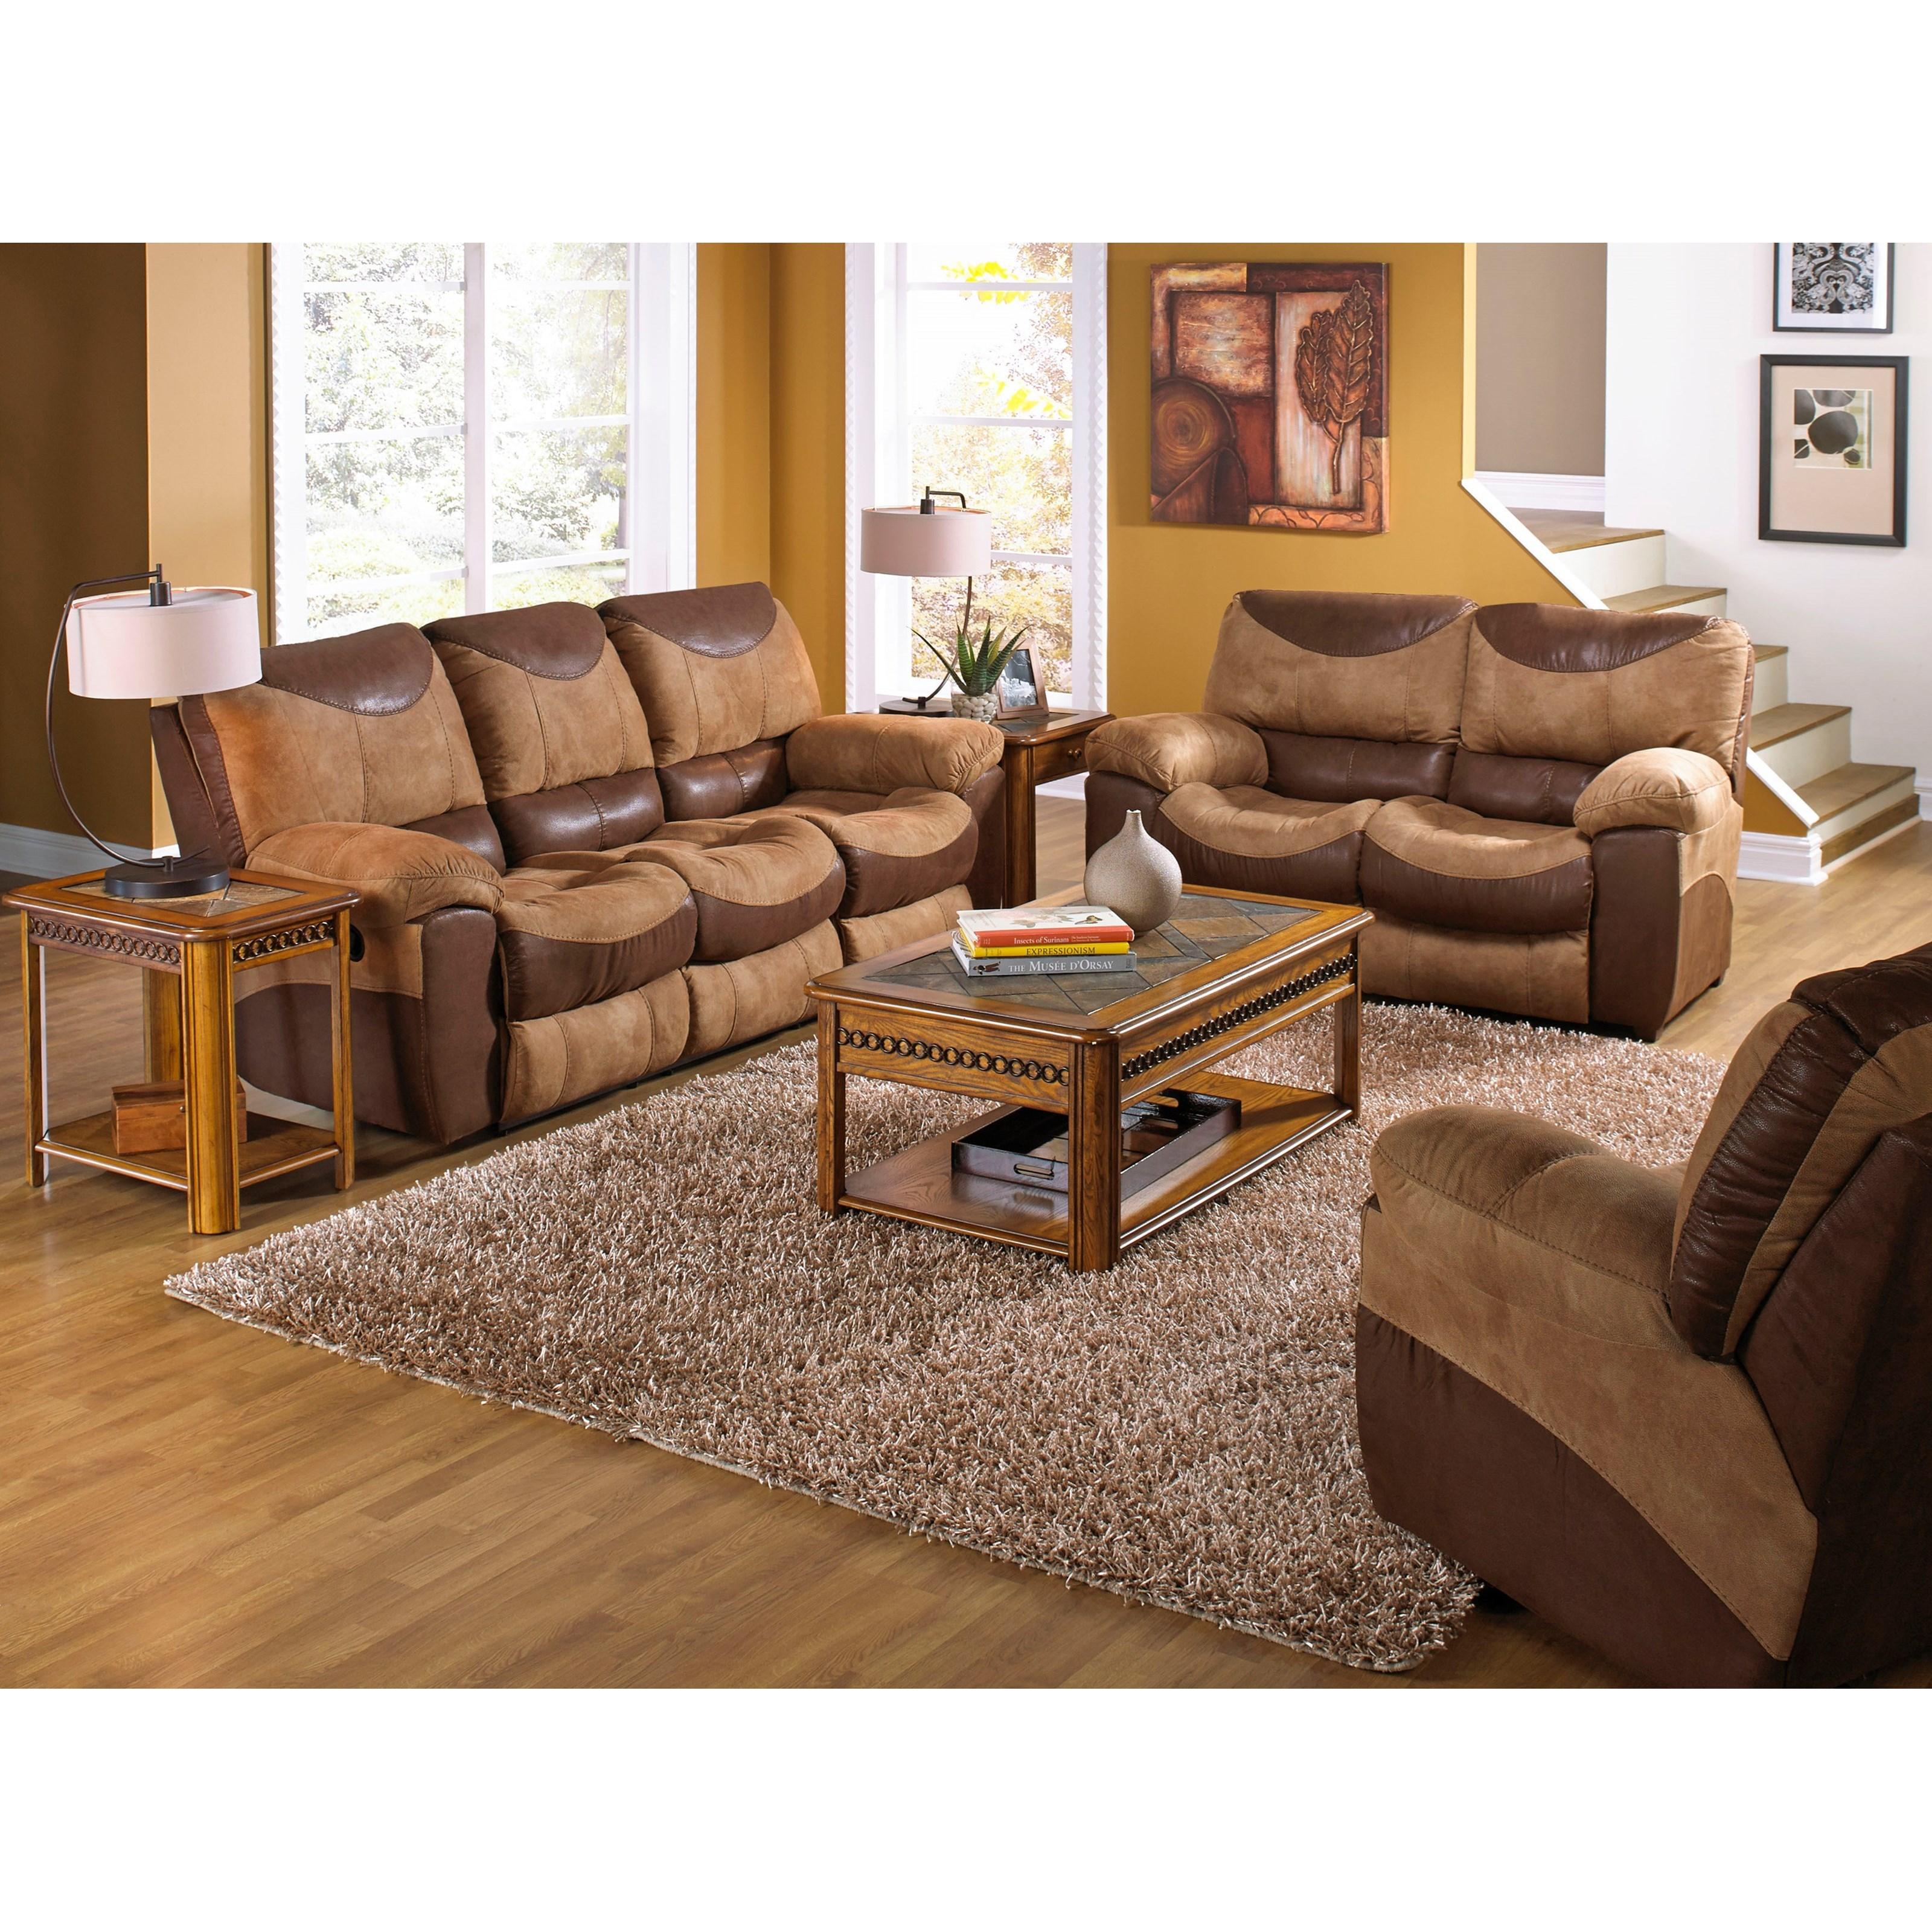 catnapper portman reclining living room group efo furniture outlet reclining living room. Black Bedroom Furniture Sets. Home Design Ideas